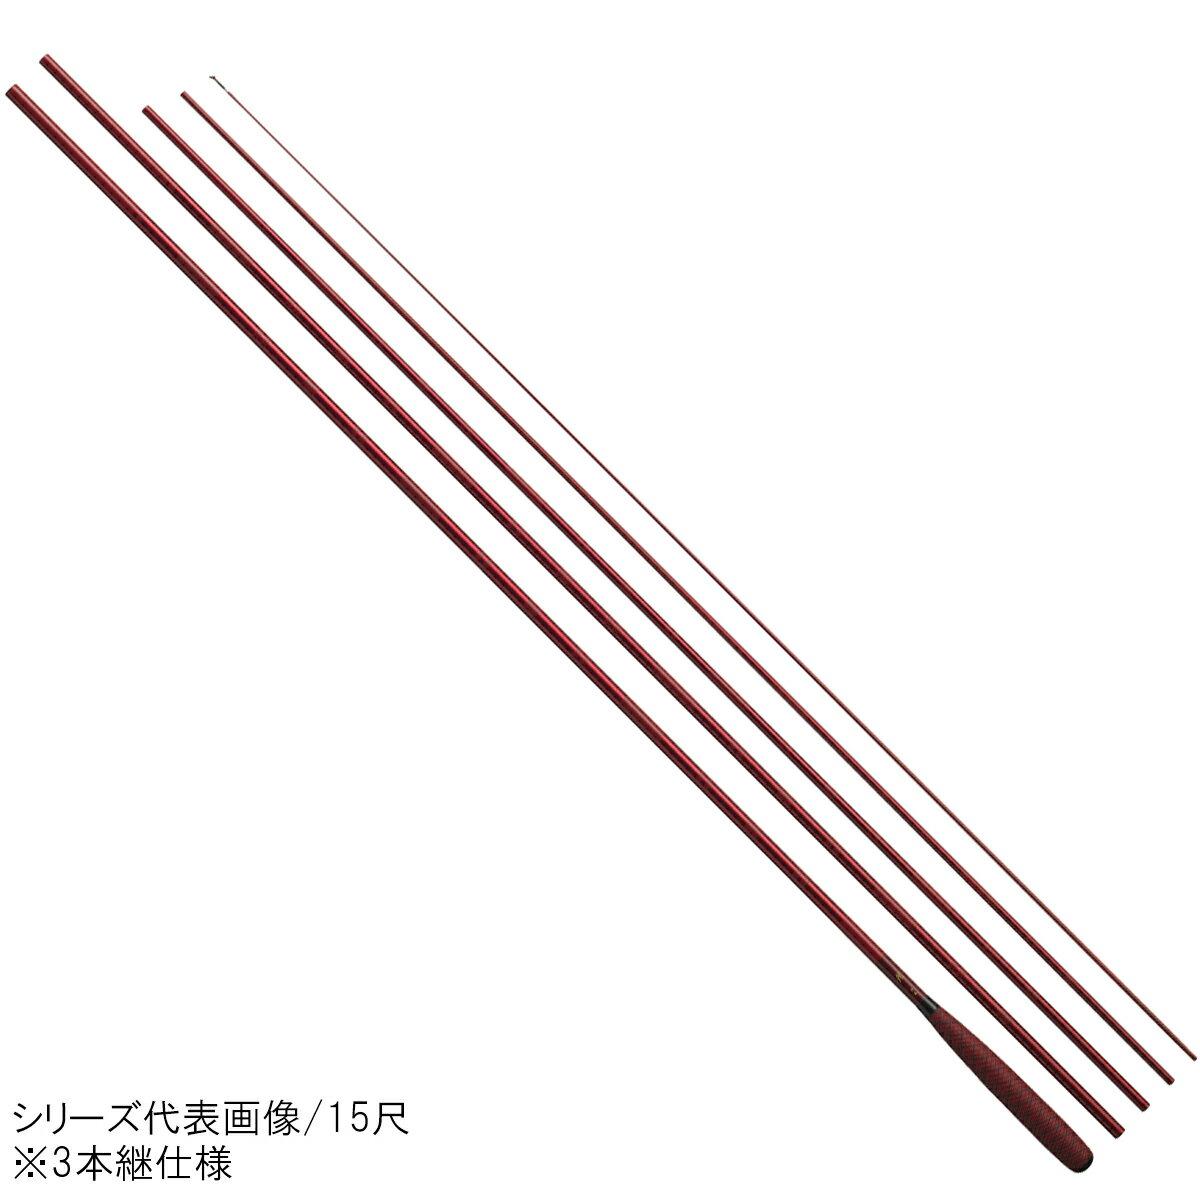 兆(きざし) 10尺 ダイワ【同梱不可】